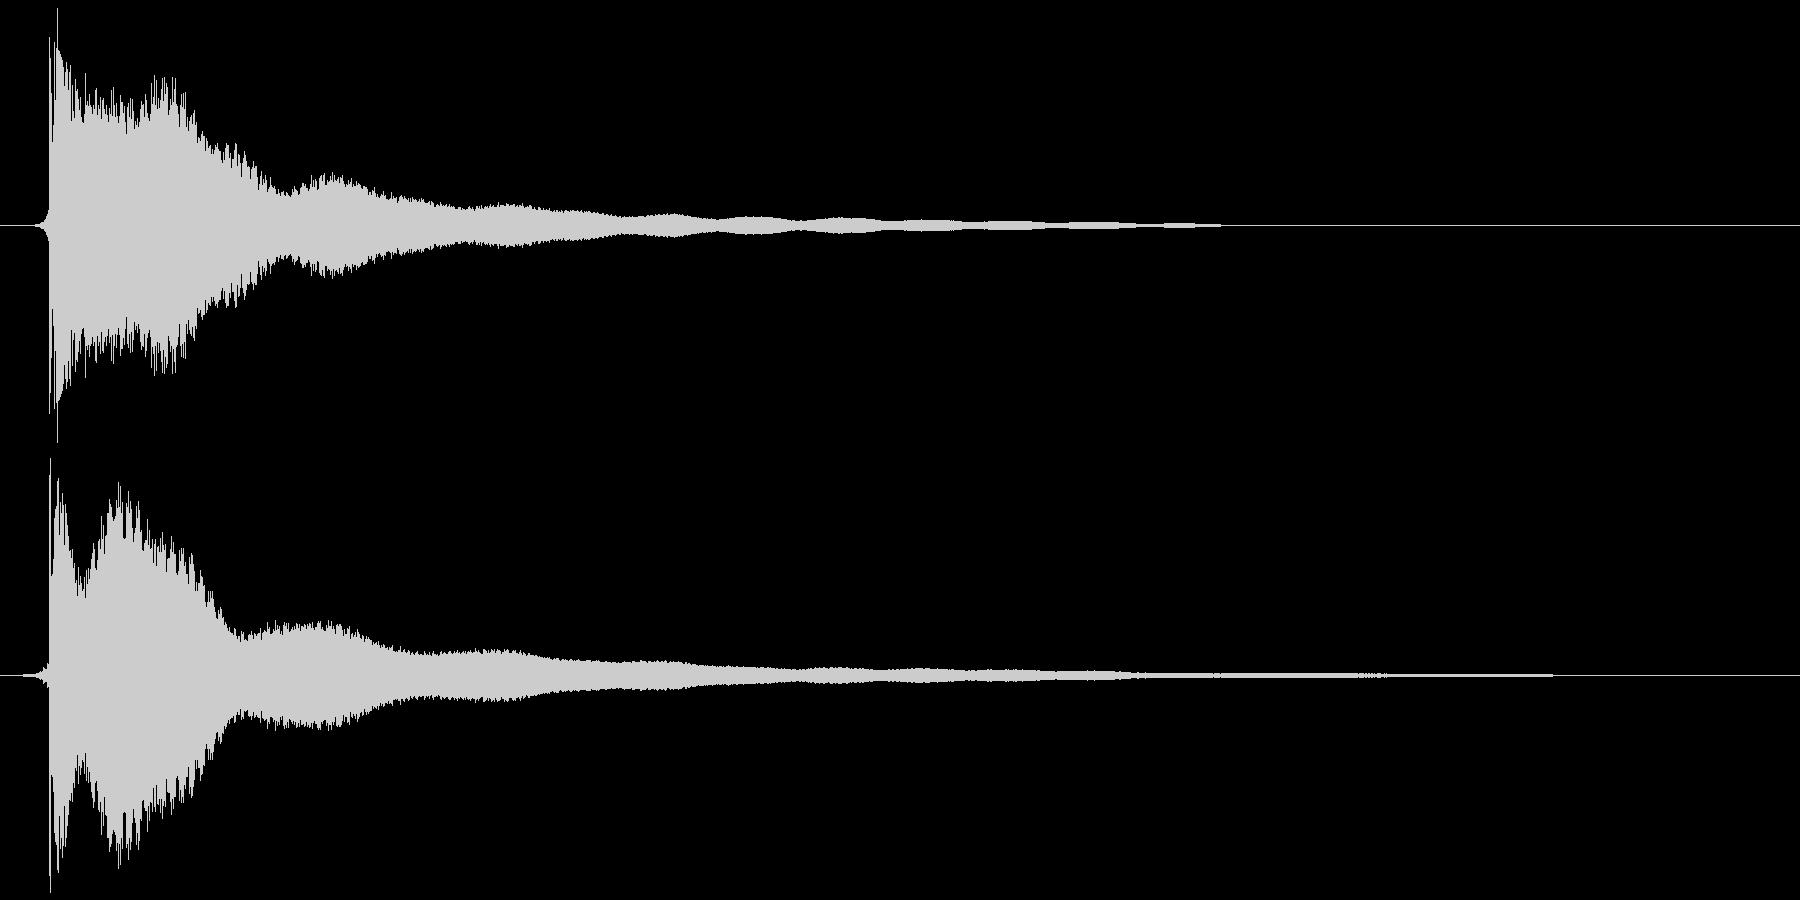 電子レンジ カッ+チーンの未再生の波形